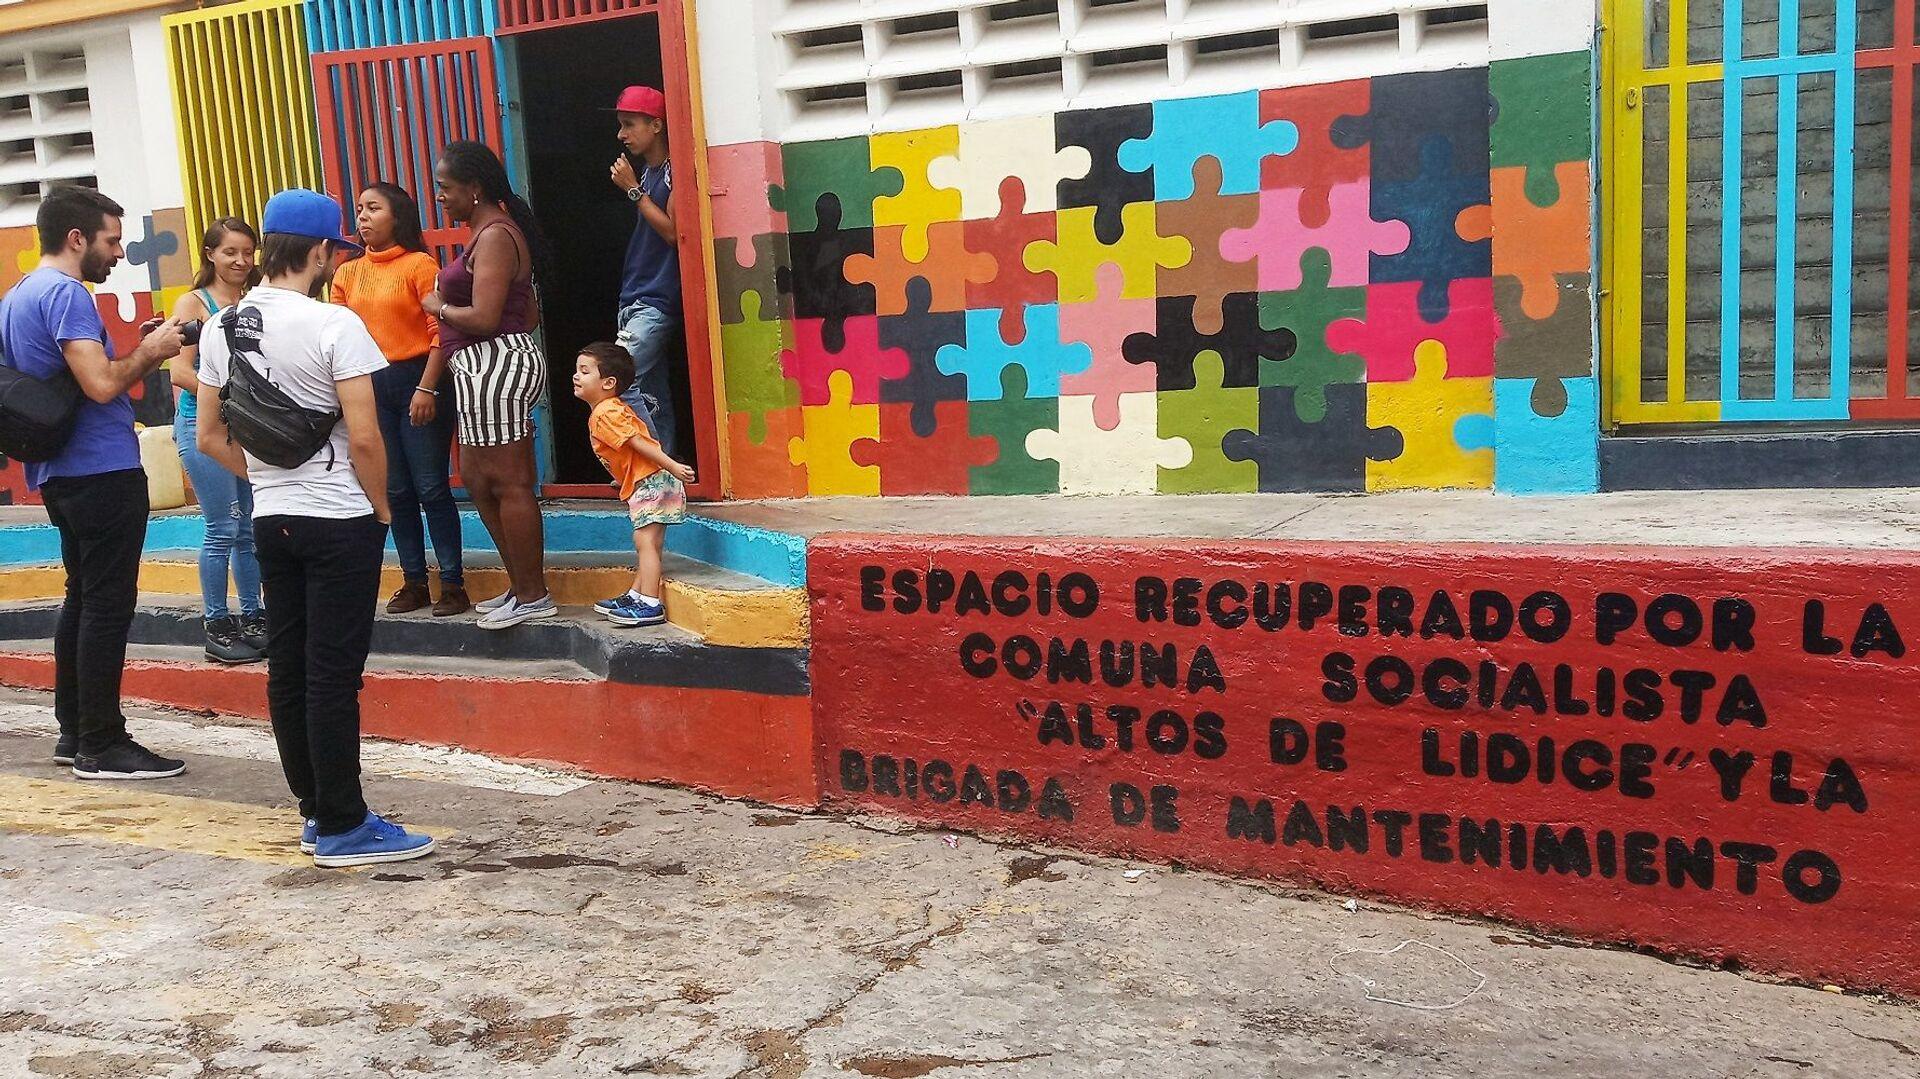 Espacio recuperado por la Comuna Socialista Altos de Lídice, Caracas, Venezuela - Sputnik Mundo, 1920, 21.07.2021